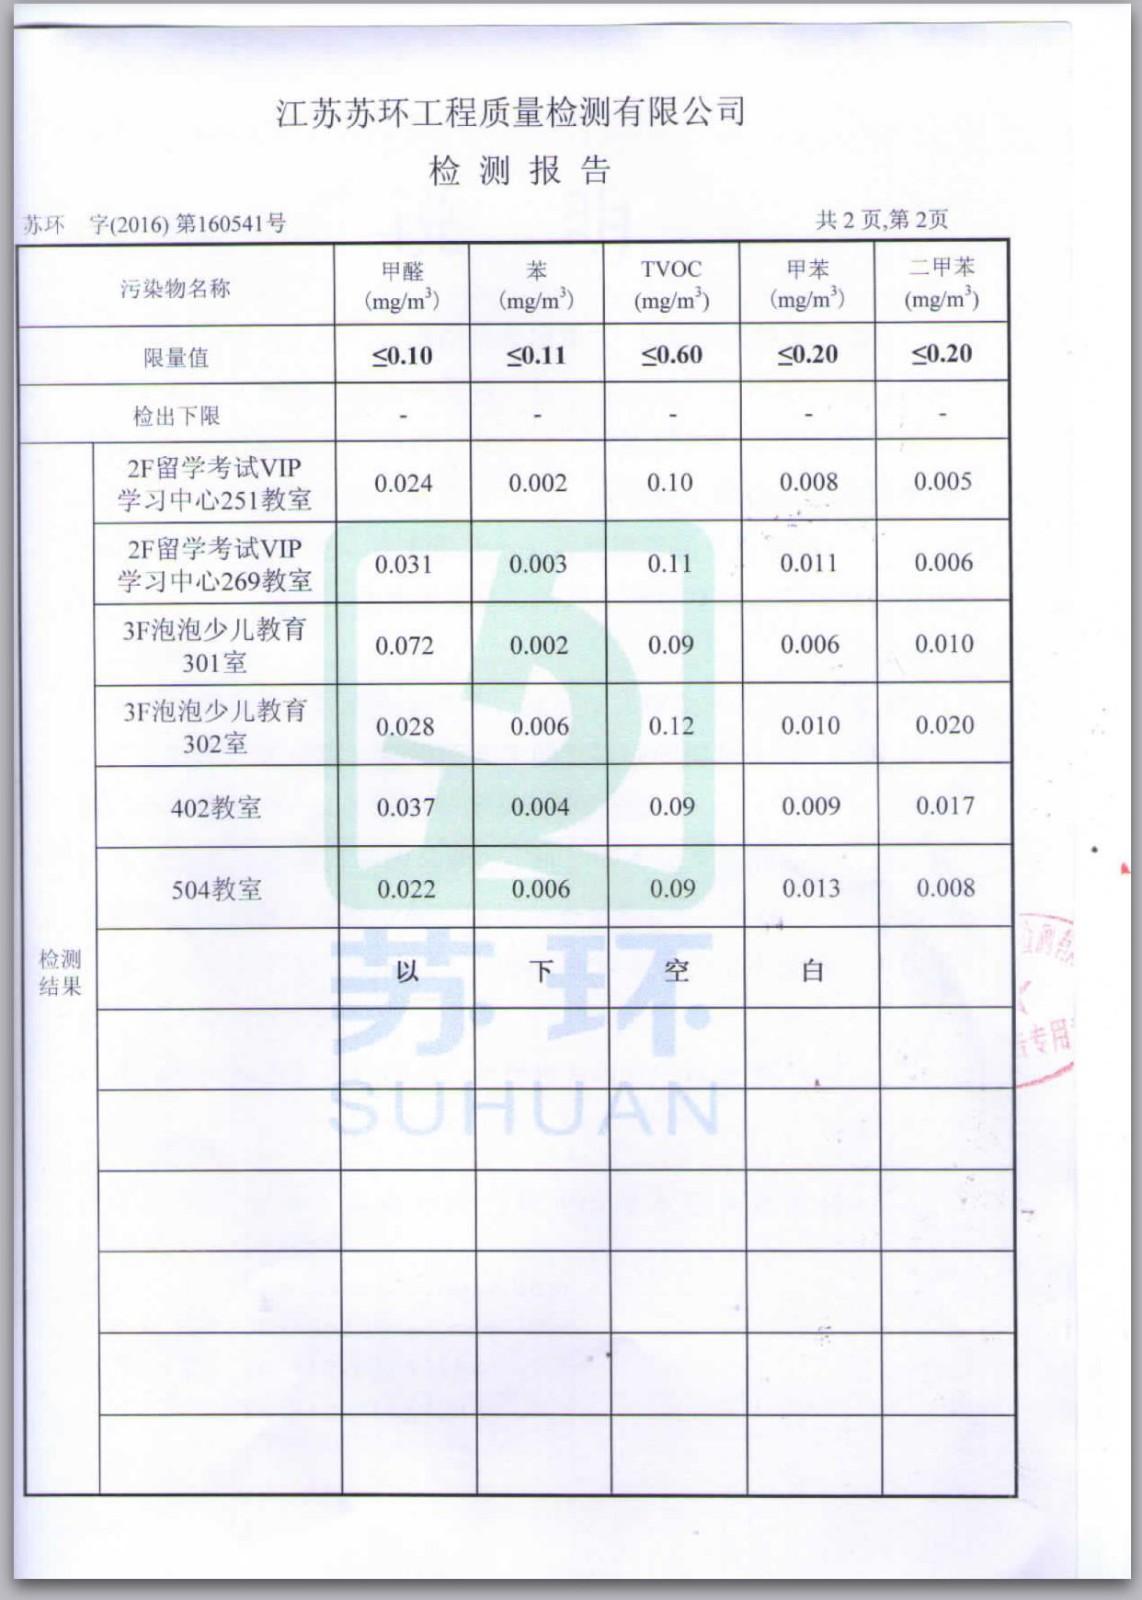 新东方检测报告2